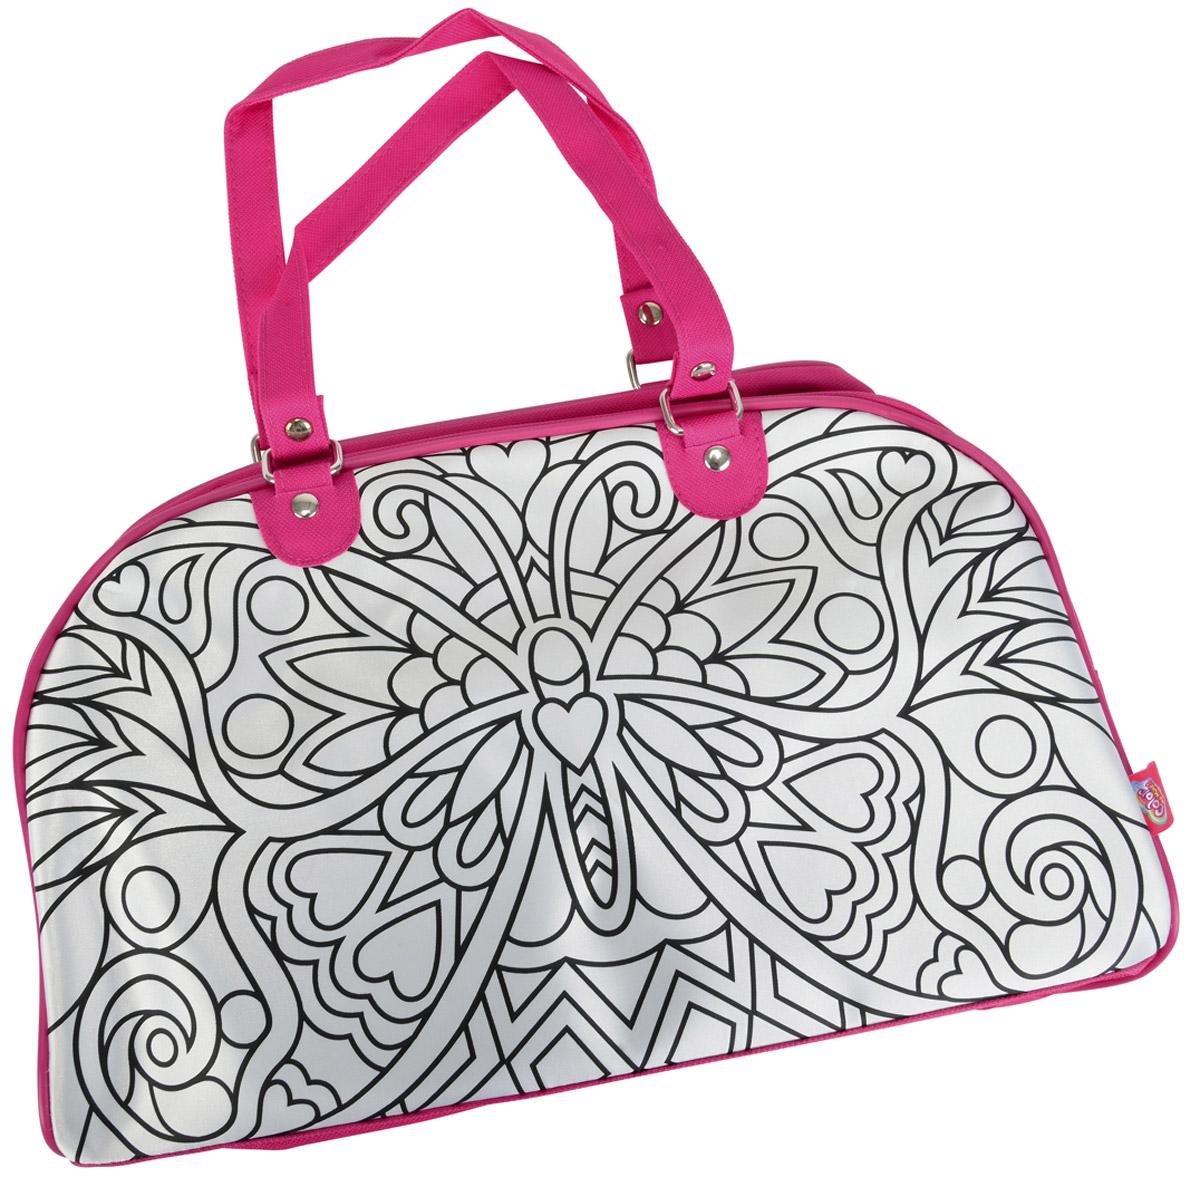 Simba Сумка детская Weekend6371461Замечательная и необычная сумочка Simba Weekend станет чудесным творческим подарком для вашей девочки. Изначально на стороны сумочки нанесен черно-белый контур нарисованной бабочки. В наборе с сумочкой прилагаются 5 перманентных водостойких маркеров, которыми ваша малышка может раскрасить свою сумочку так, как захочет, дав волю своей фантазии и творческому порыву. Один из маркеров отличается от остальных - рисунок, нанесенный им способен менять свой цвет в зависимости от освещения!Сумка не предназначена для стирки. Для очистки используйте влажную ткань и мягкое мыло.Данный набор ориентирован на развитие у детей творческих навыков и придания им индивидуальности.